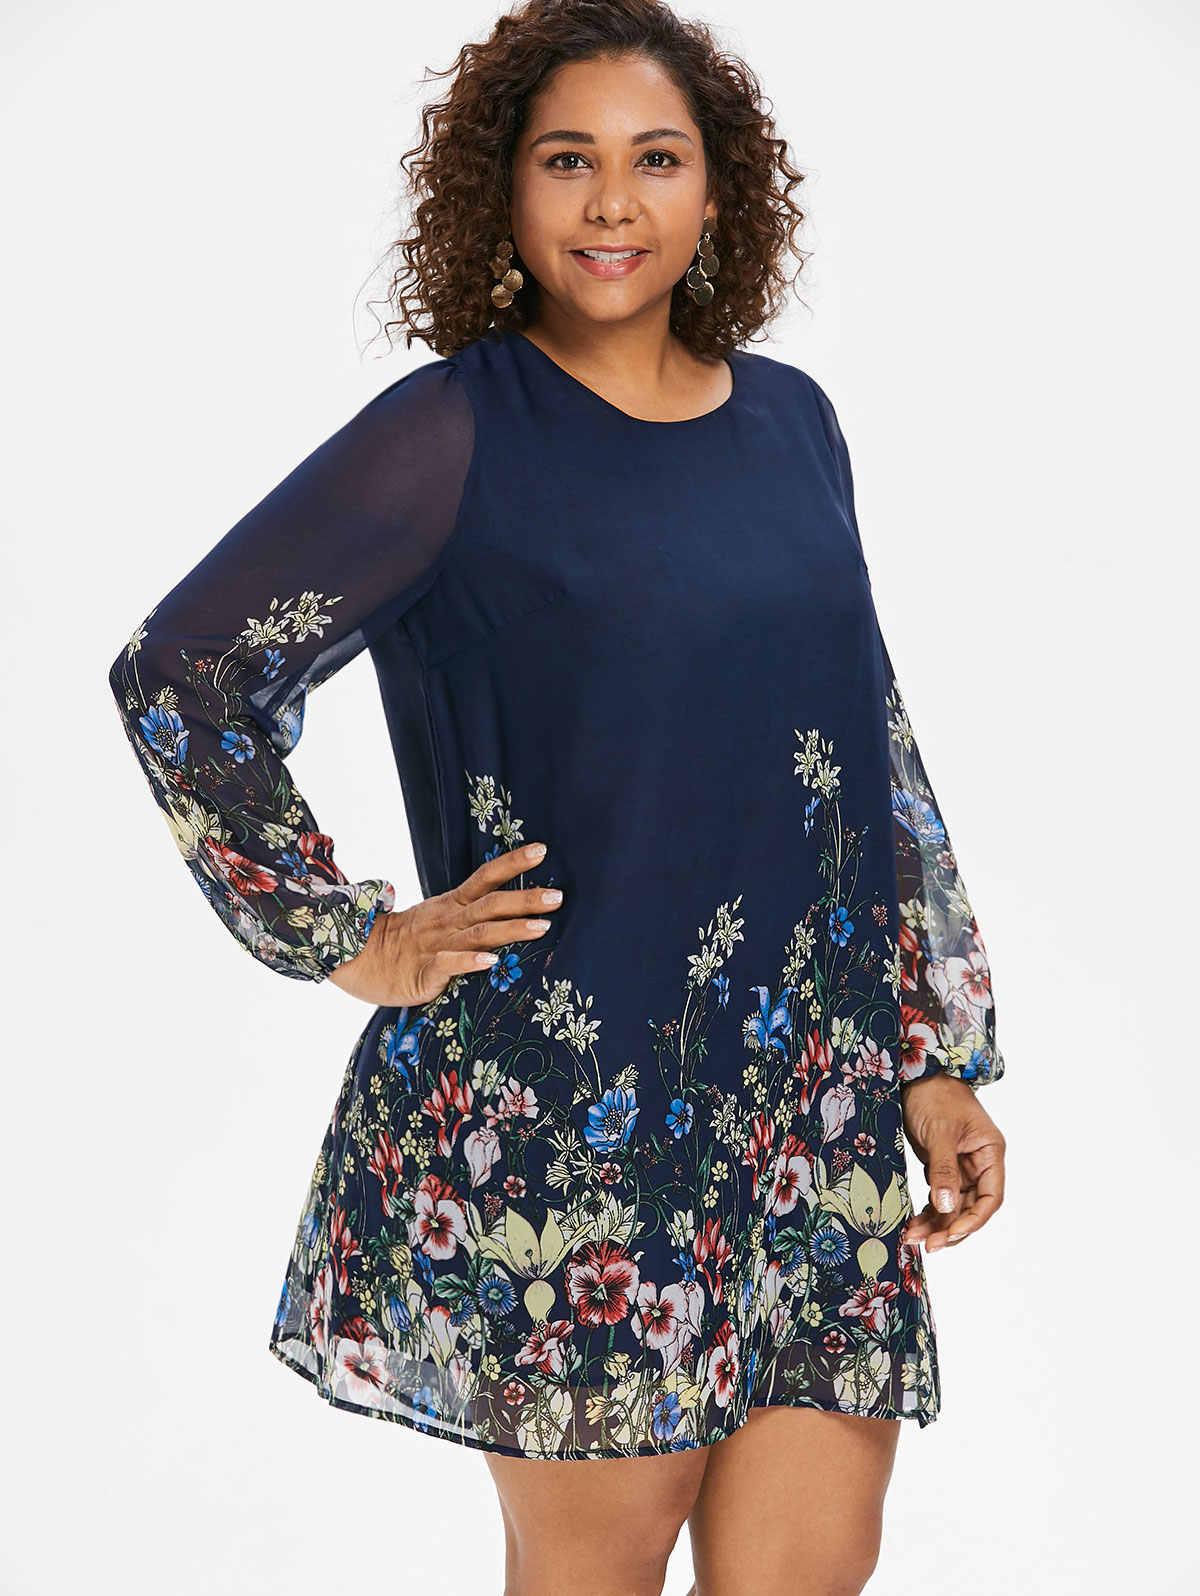 562300a0b9db1ac ... Wipalo темно-синее платье-туника с цветочной вышивкой большого размера  весна-лето элегантное ...